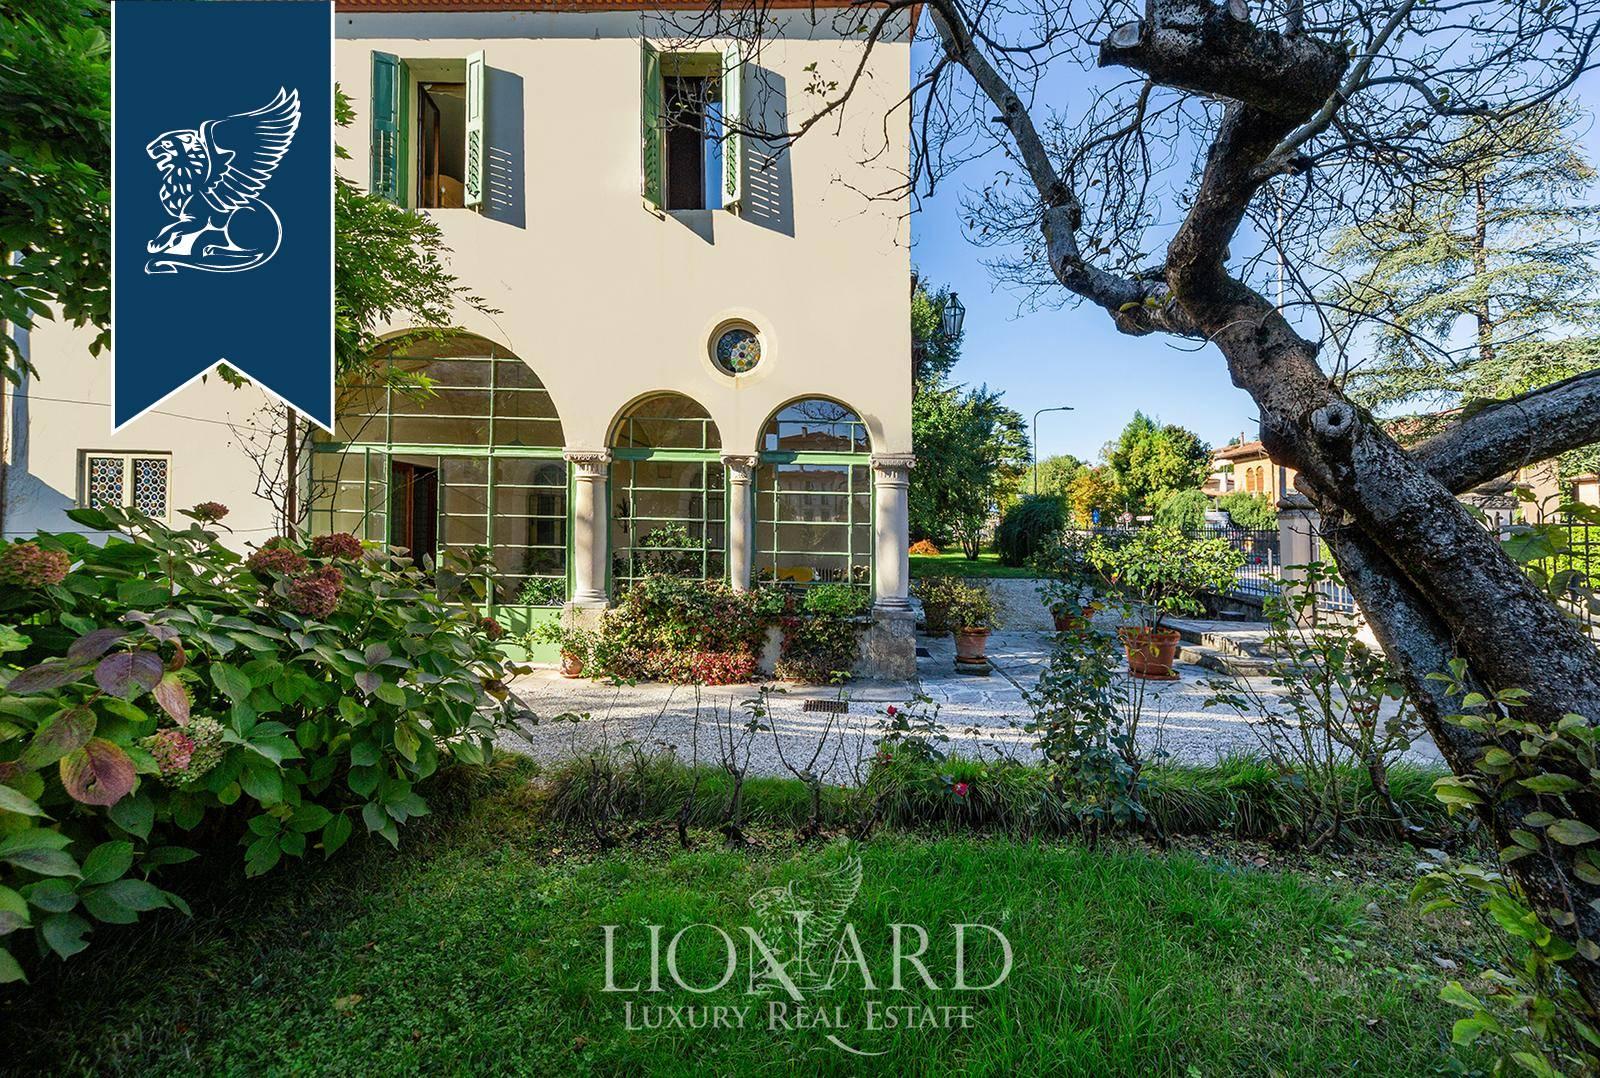 Appartamento in Vendita a Conegliano: 0 locali, 365 mq - Foto 4